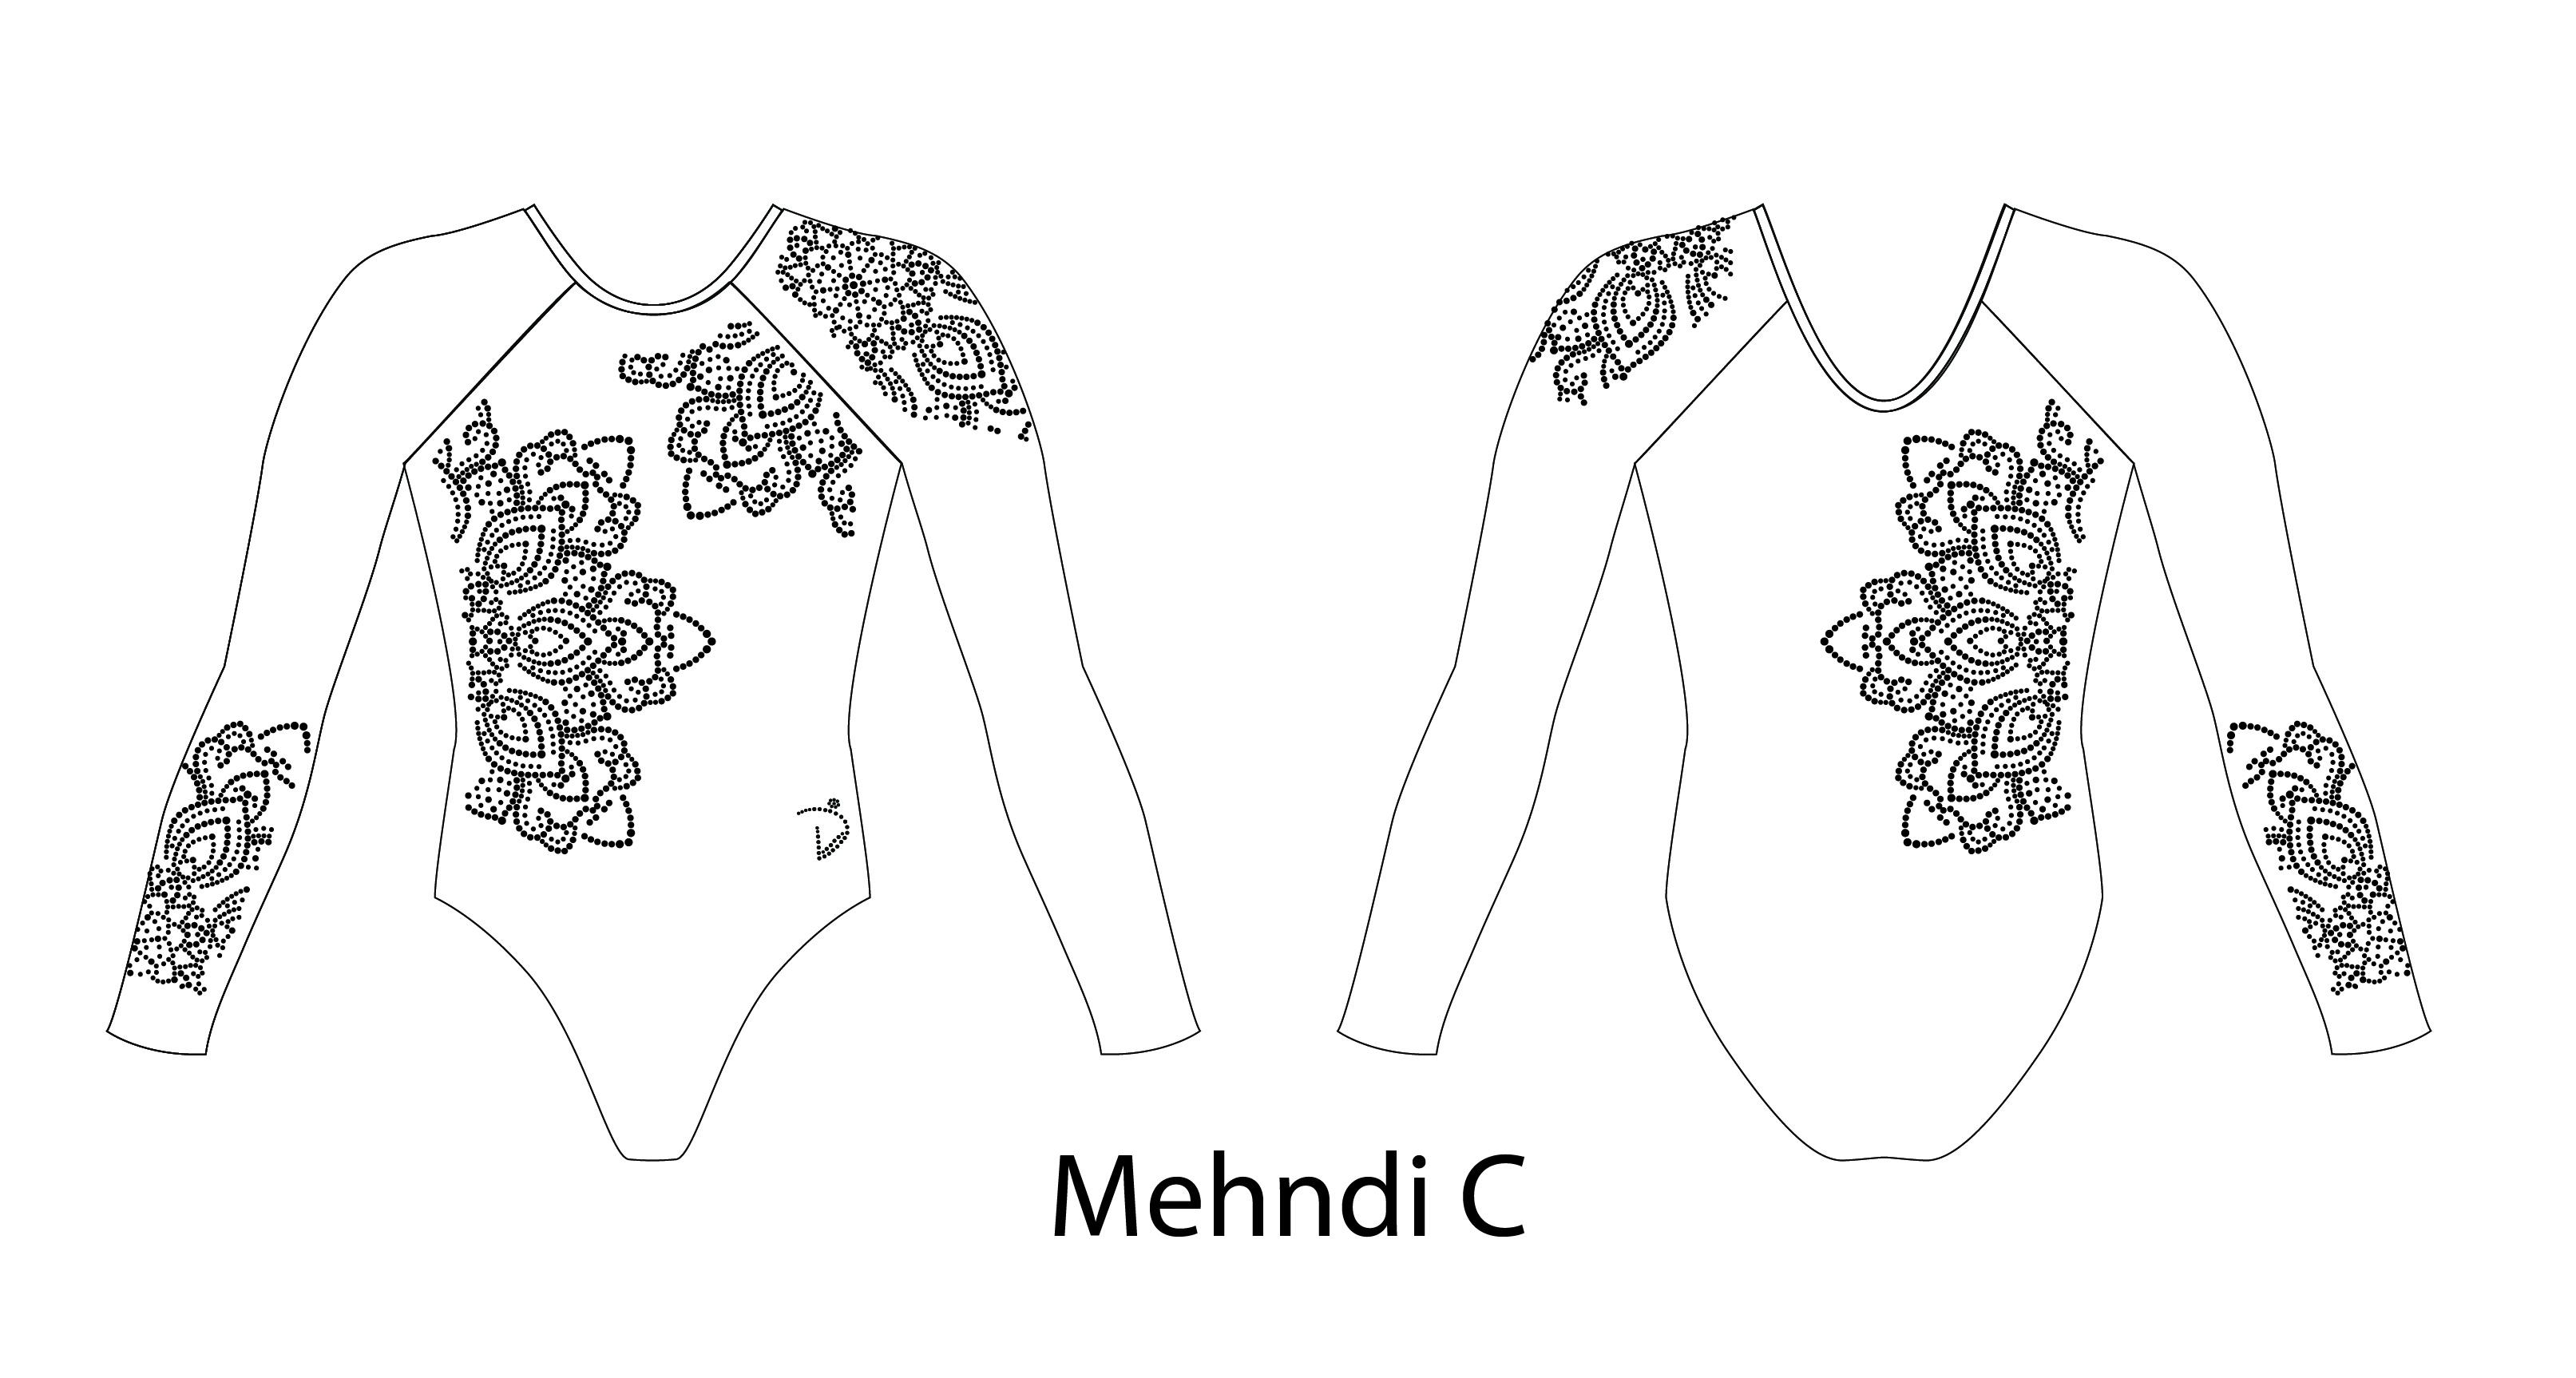 Mehndi C